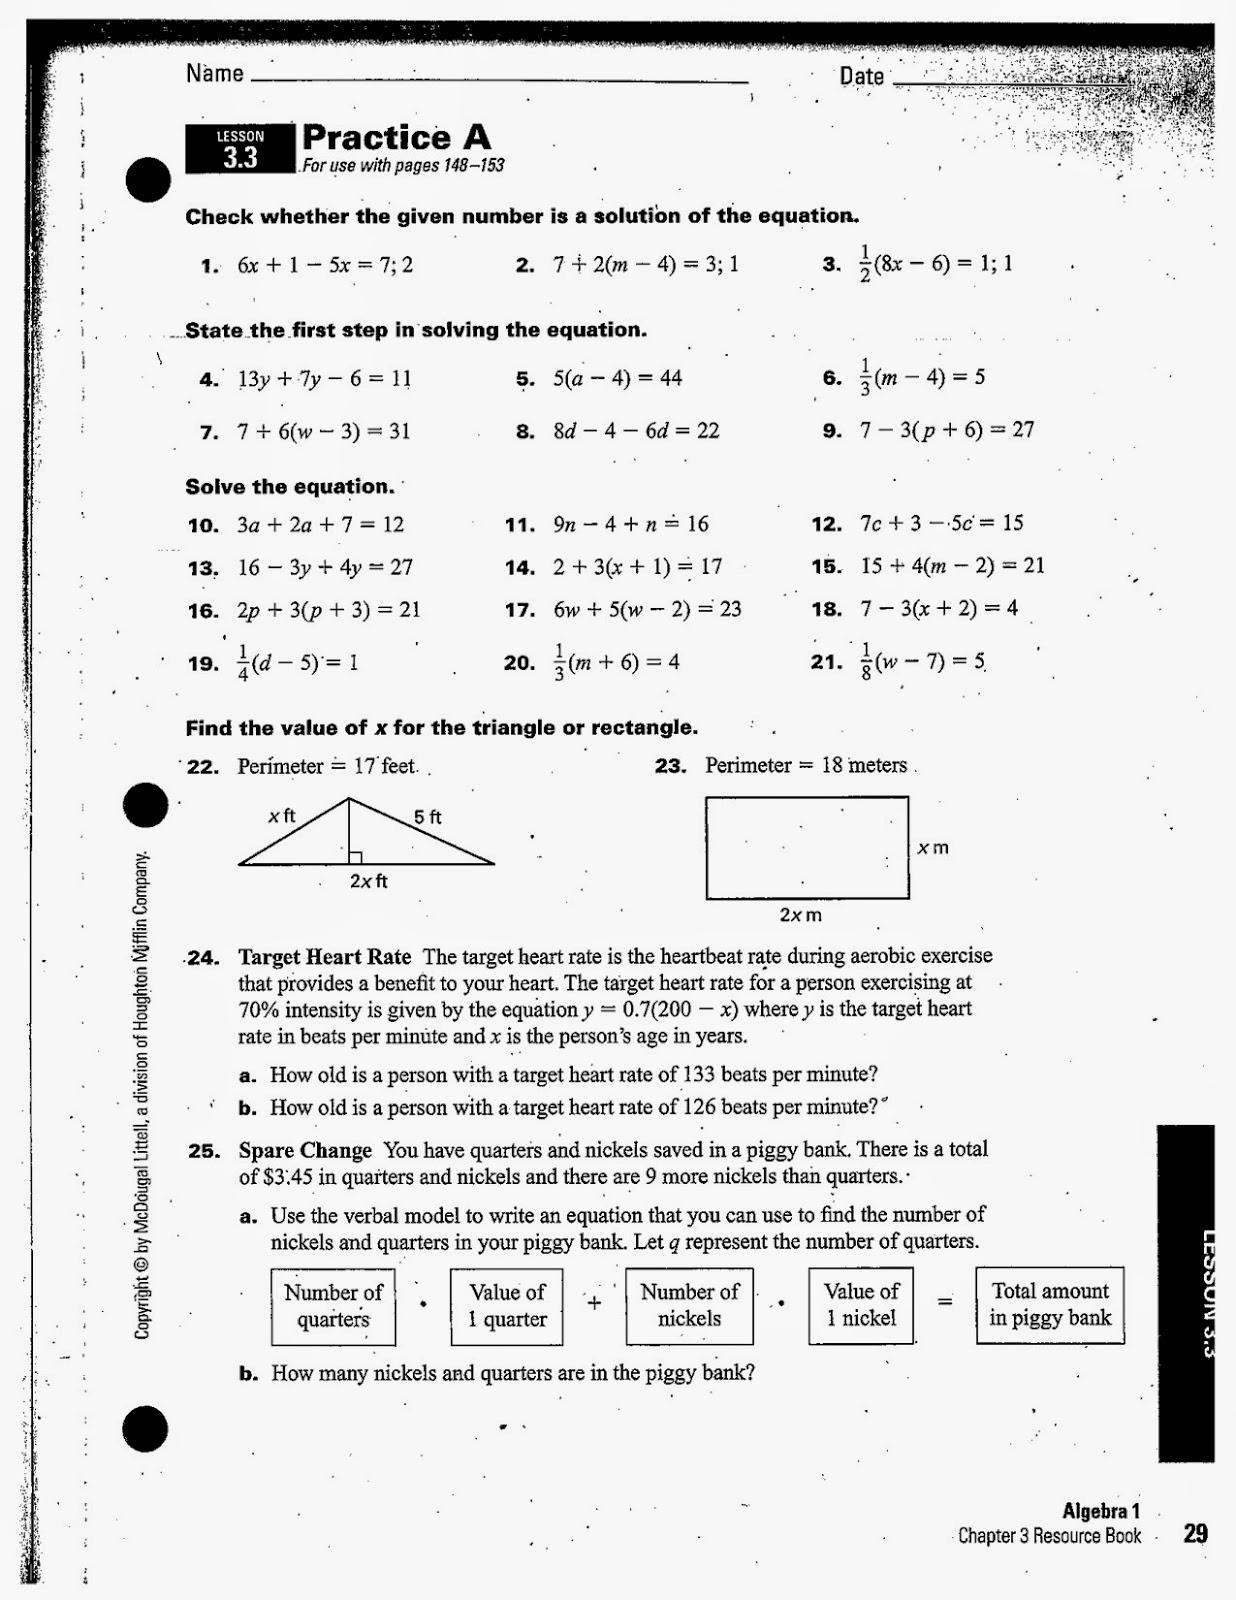 heidemann 8th grade math algebra 1 hw 8 26